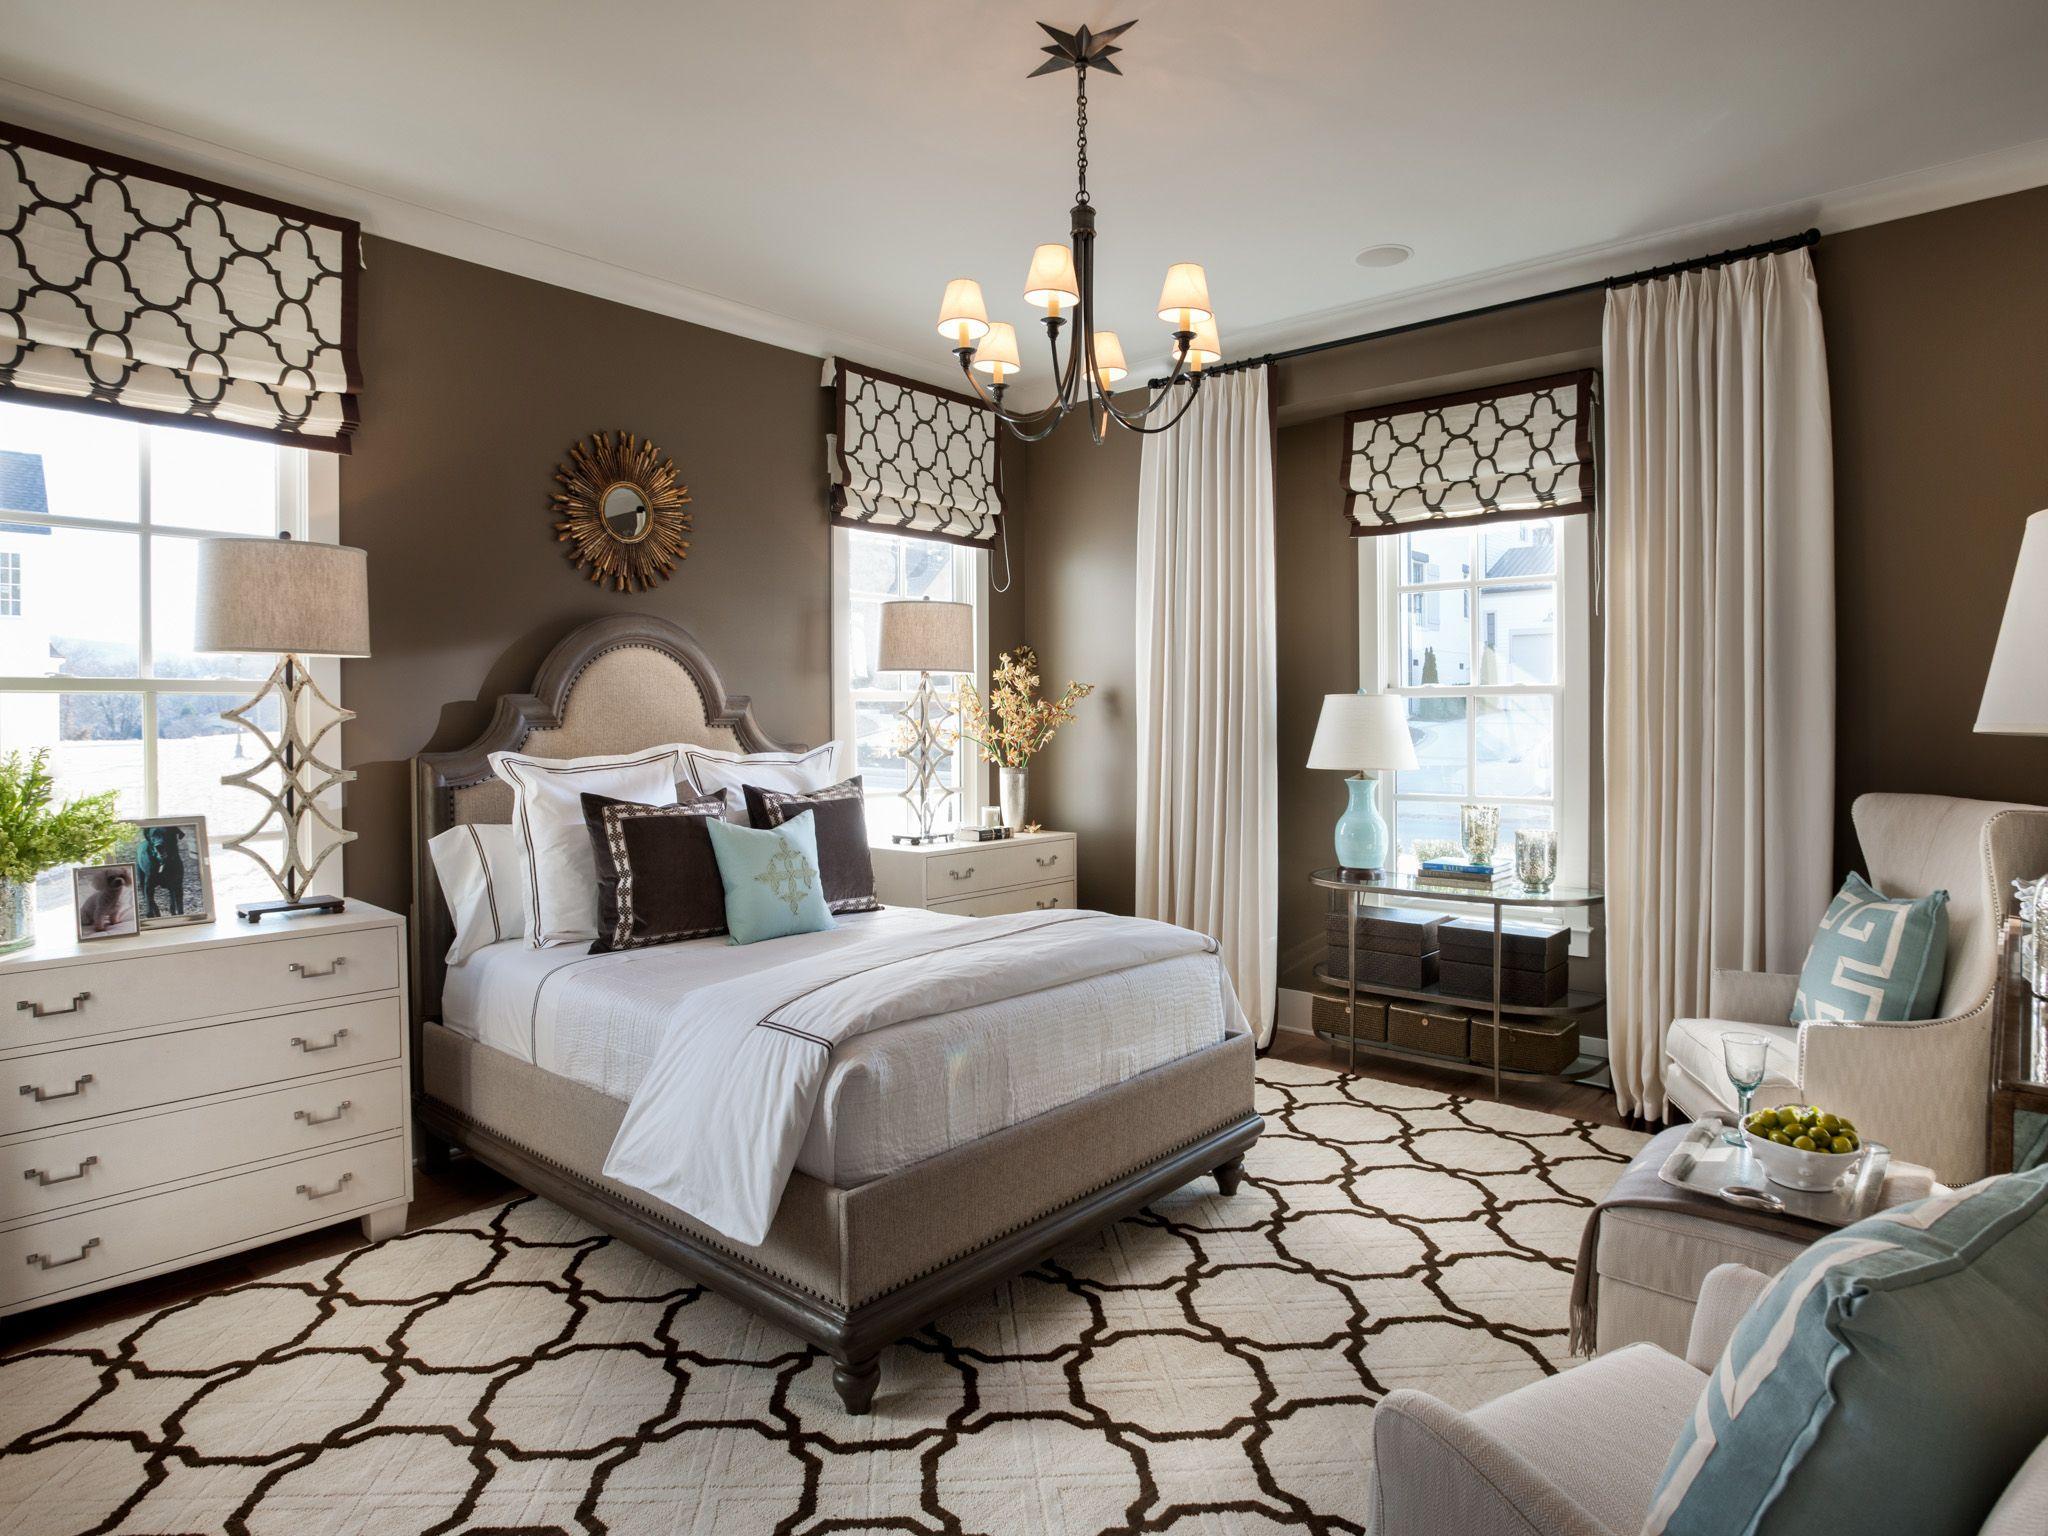 25 Stunning Master Bedroom Ideas Bedroom Trends Small Master